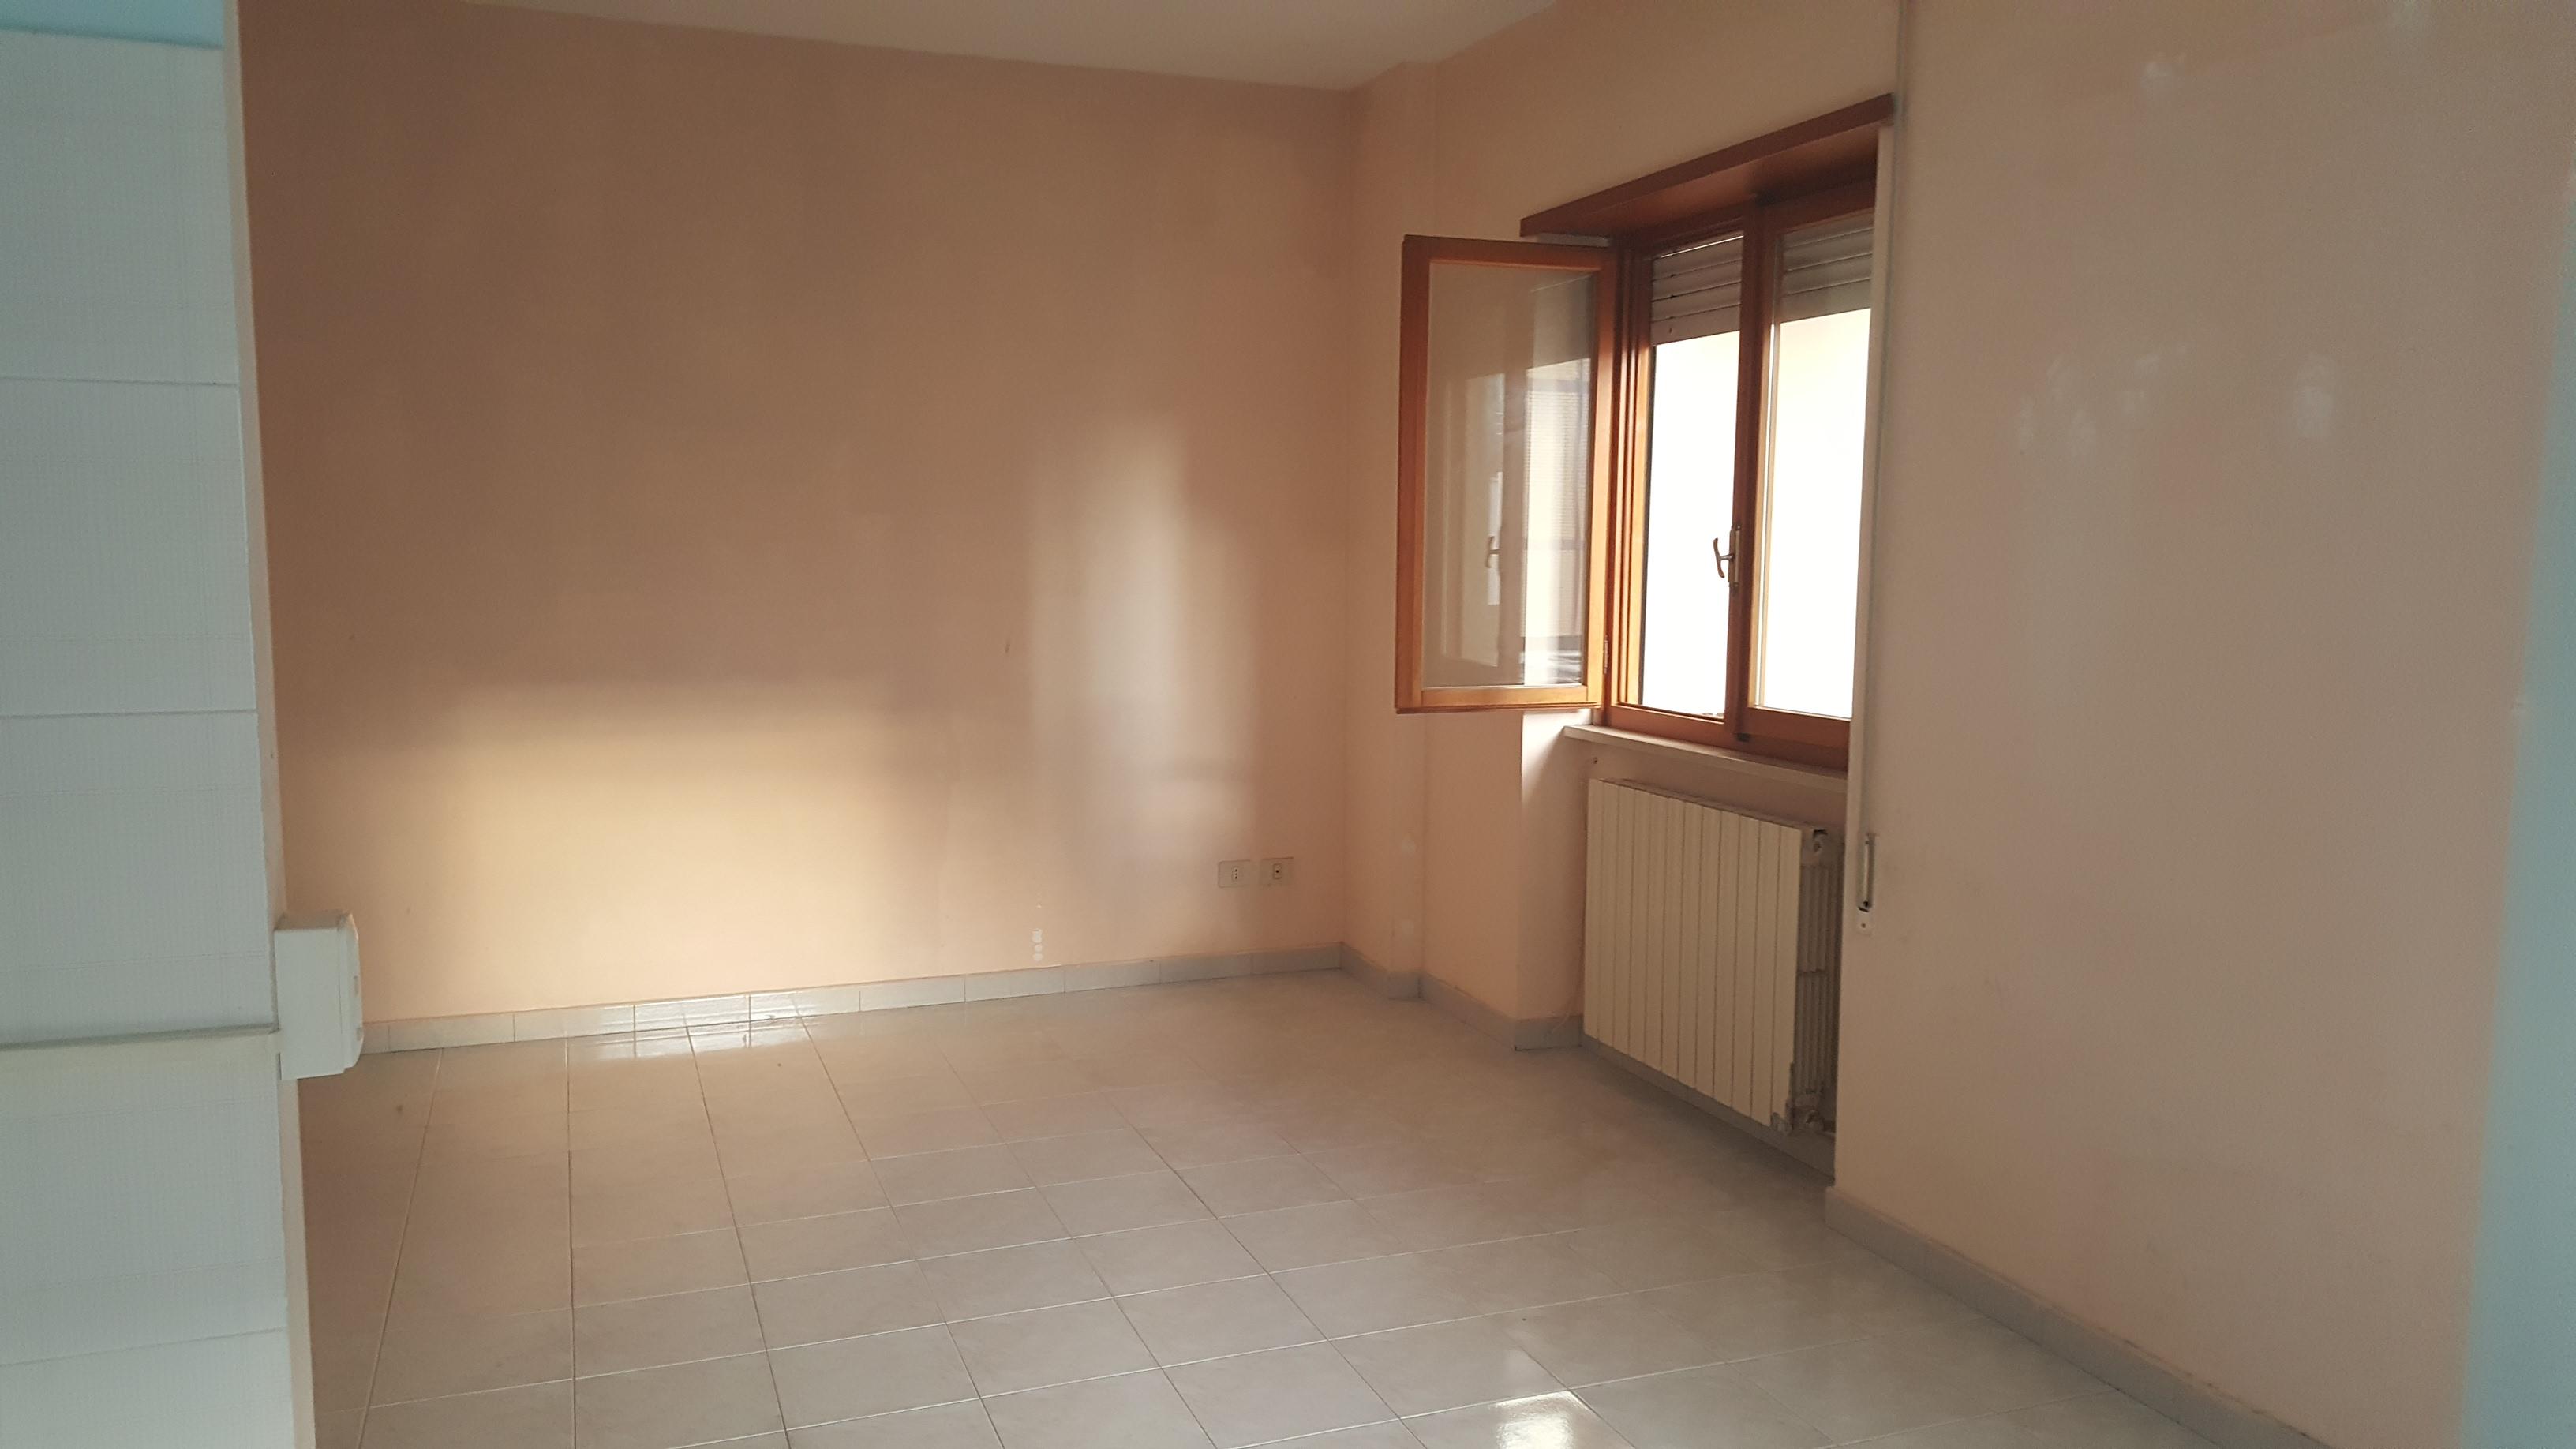 Appartamento in vendita a Itri, 3 locali, prezzo € 80.000 | CambioCasa.it